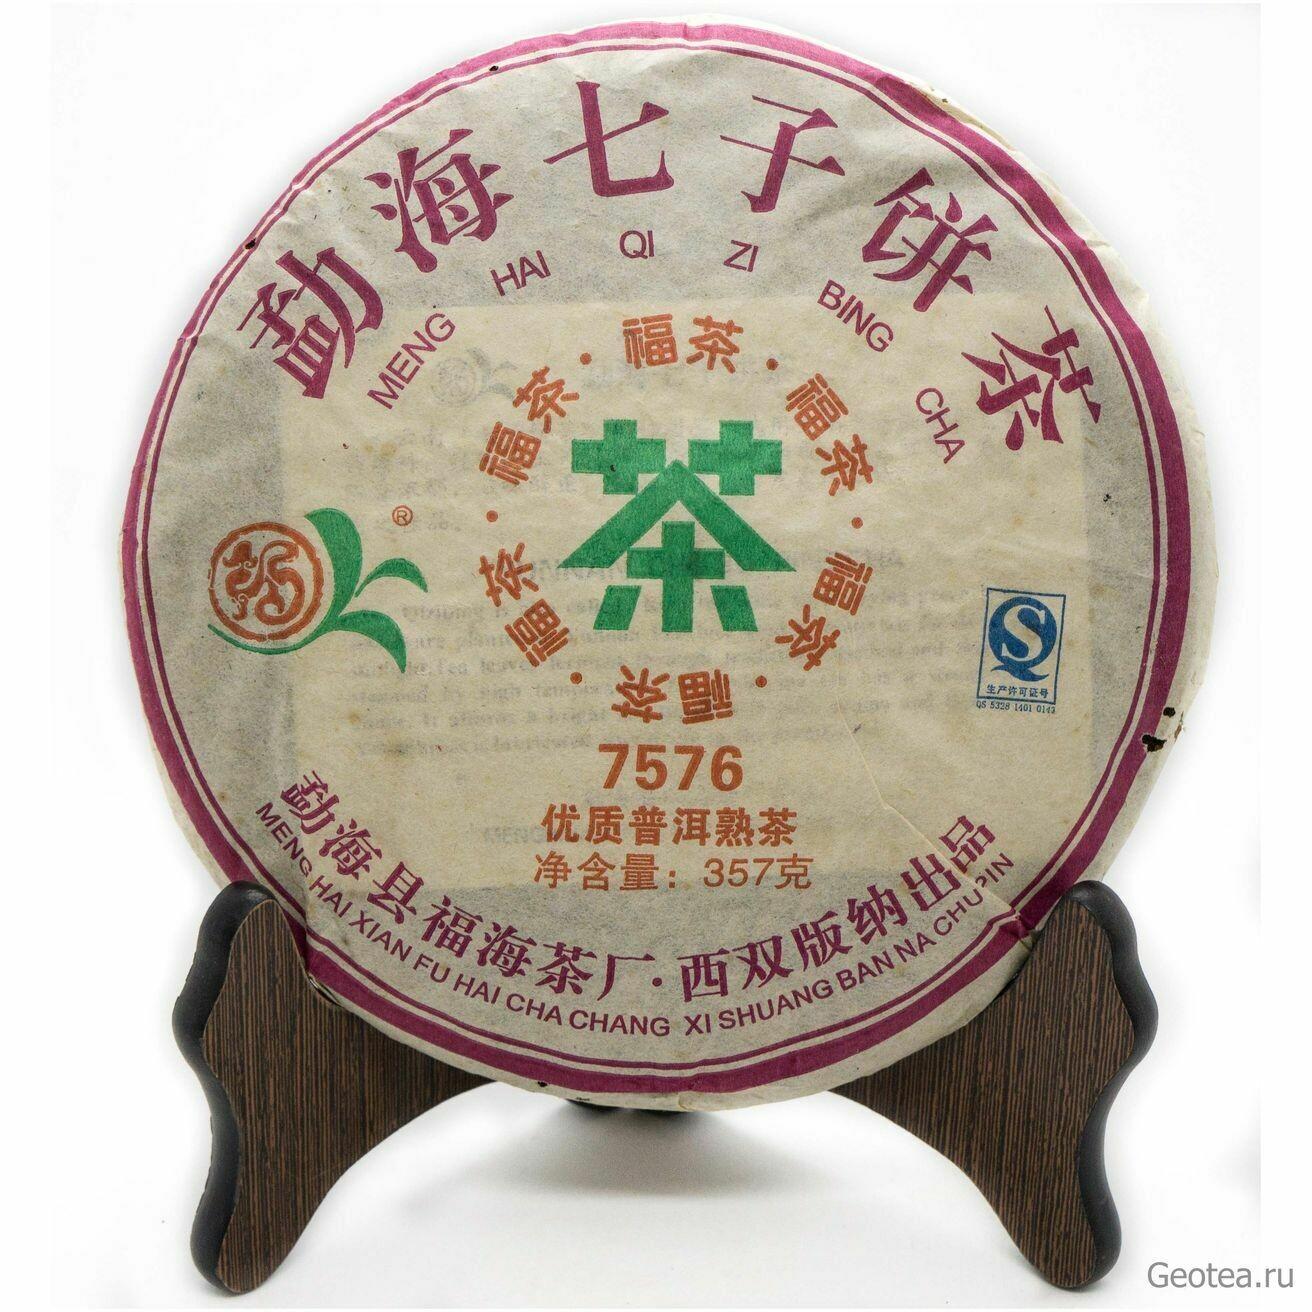 """Чай Шу Пуэр Фухай """"7576"""" 2011г. 357гр."""